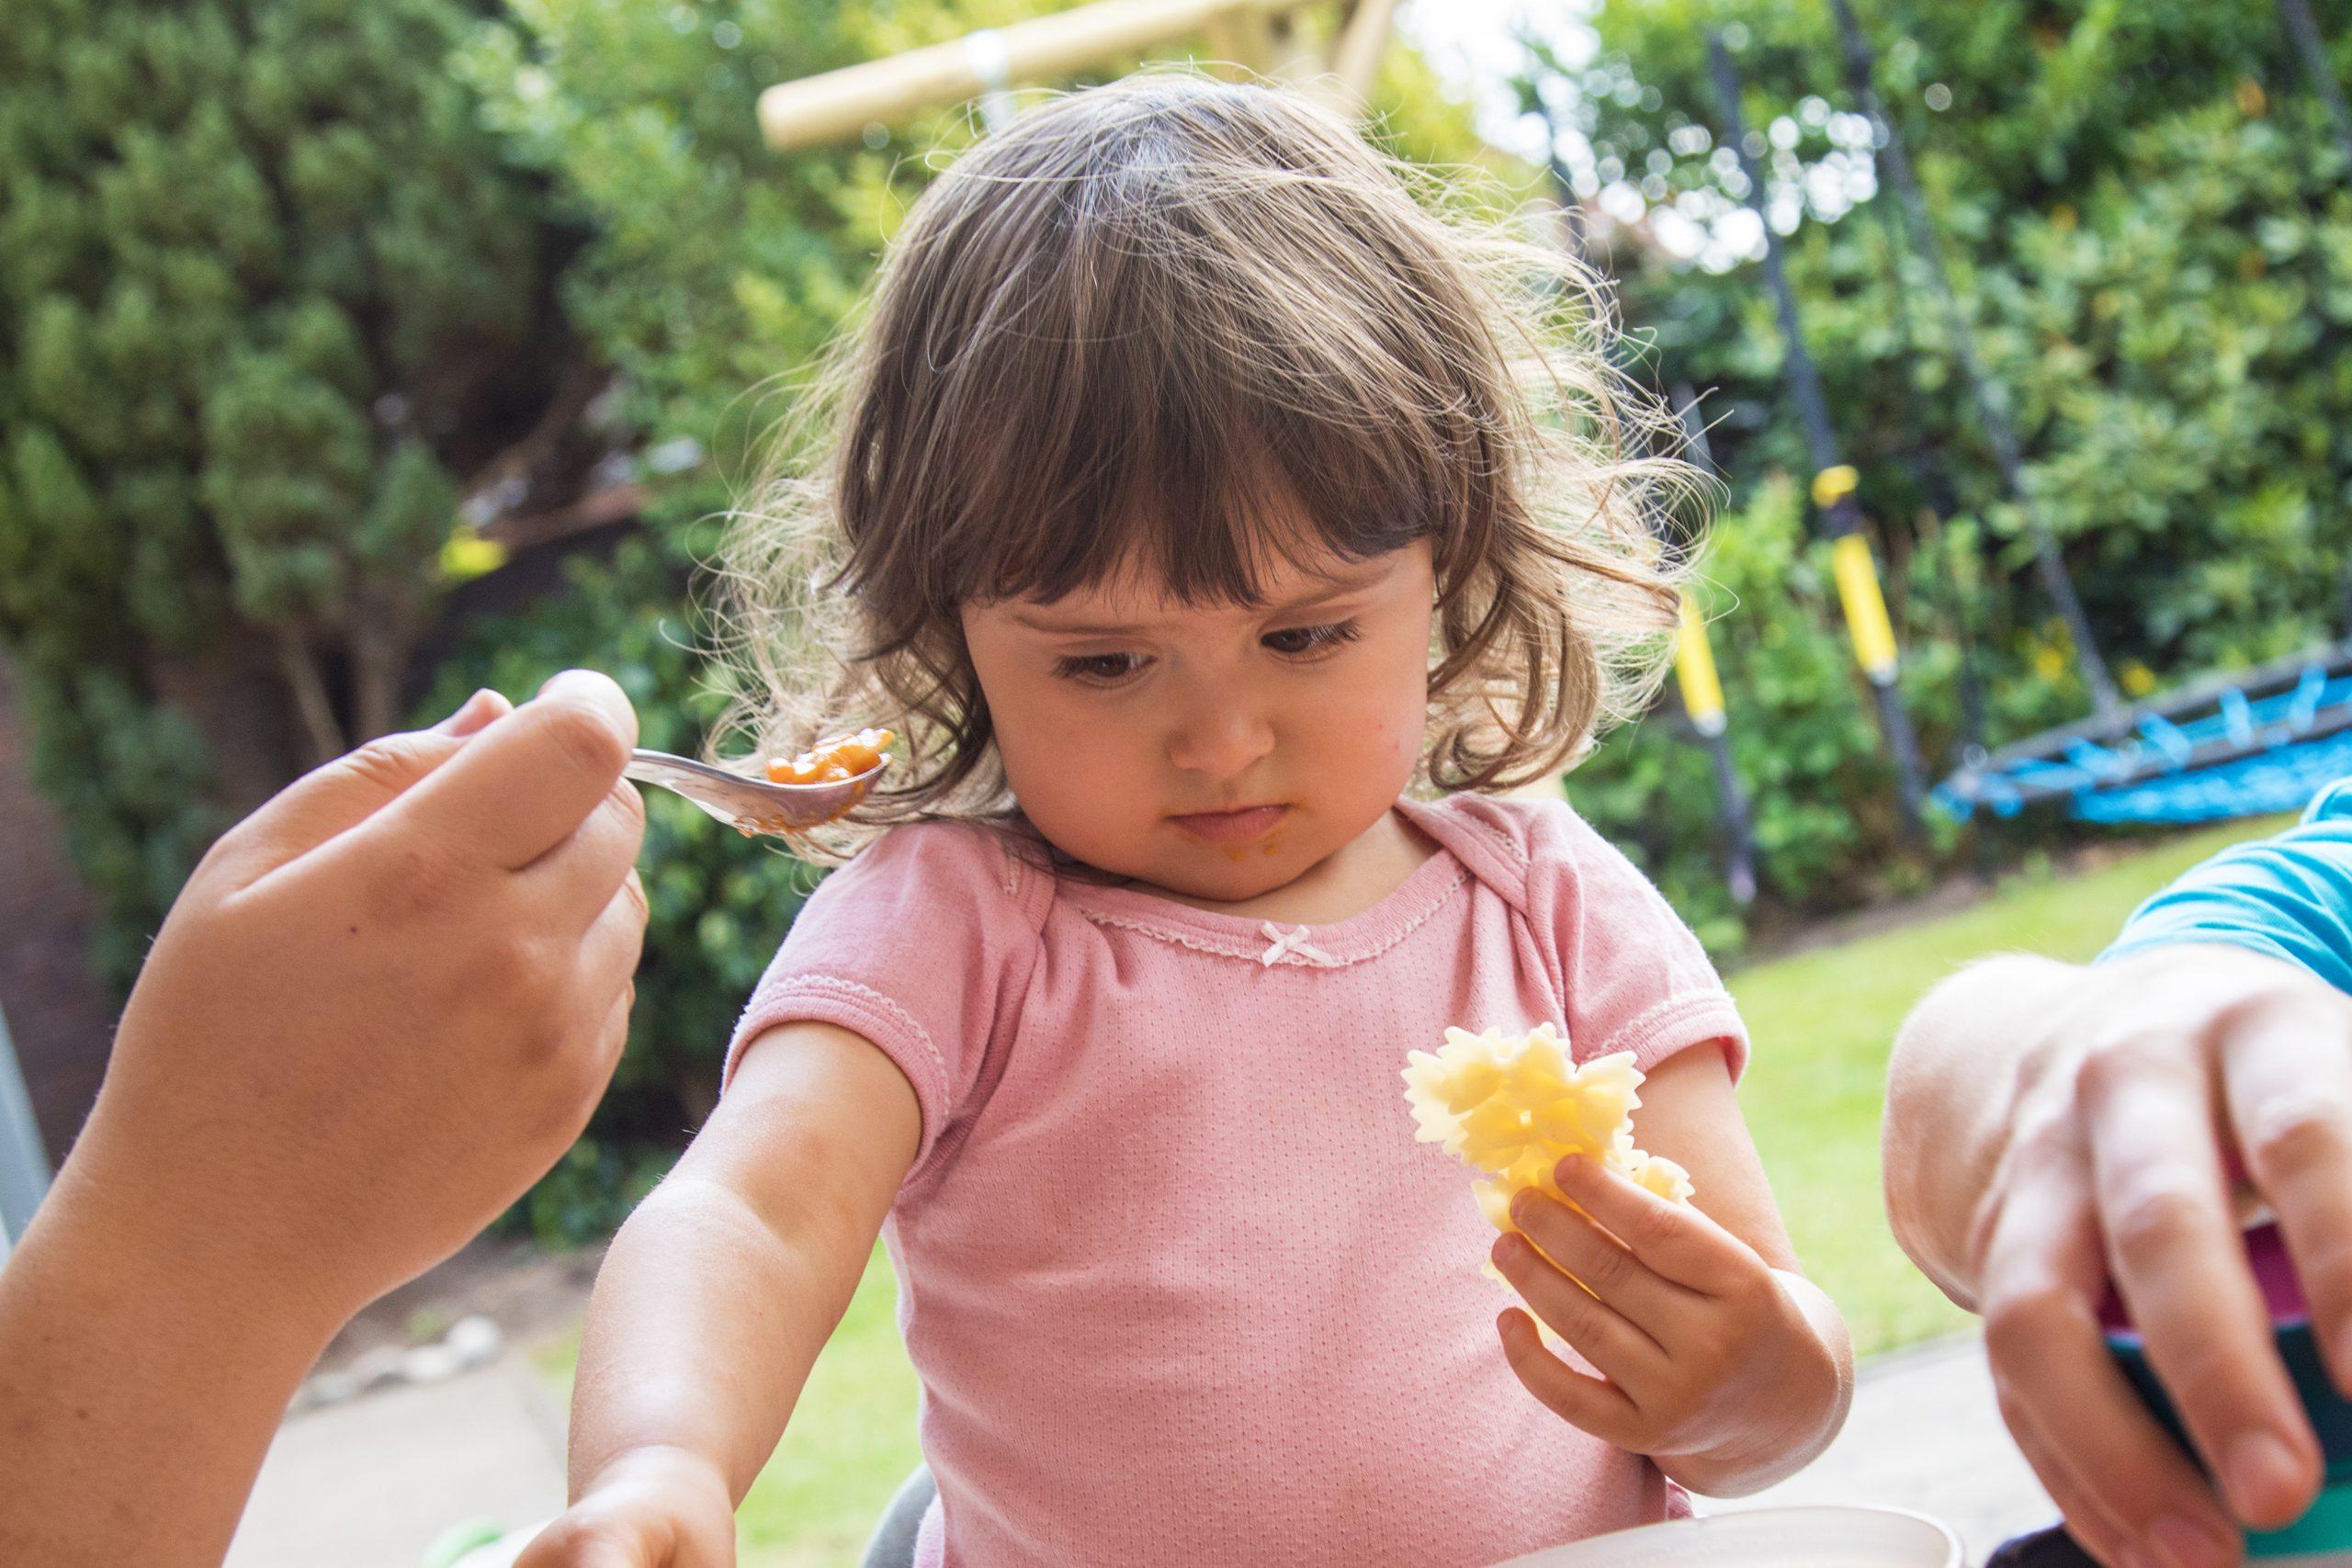 Técnicas para que los niños se alimenten saludablemente